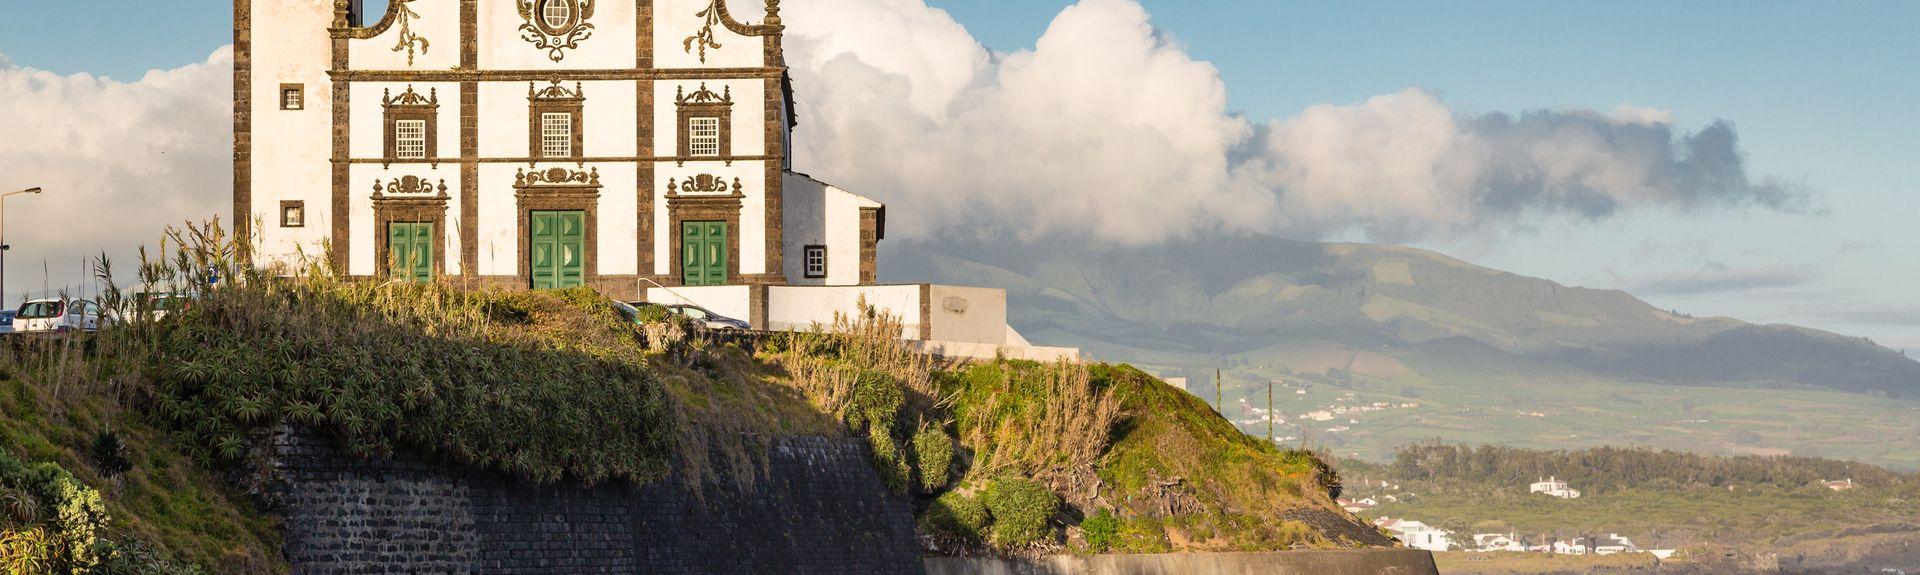 Wyspa Sao Miguel, Azory, Portugalia